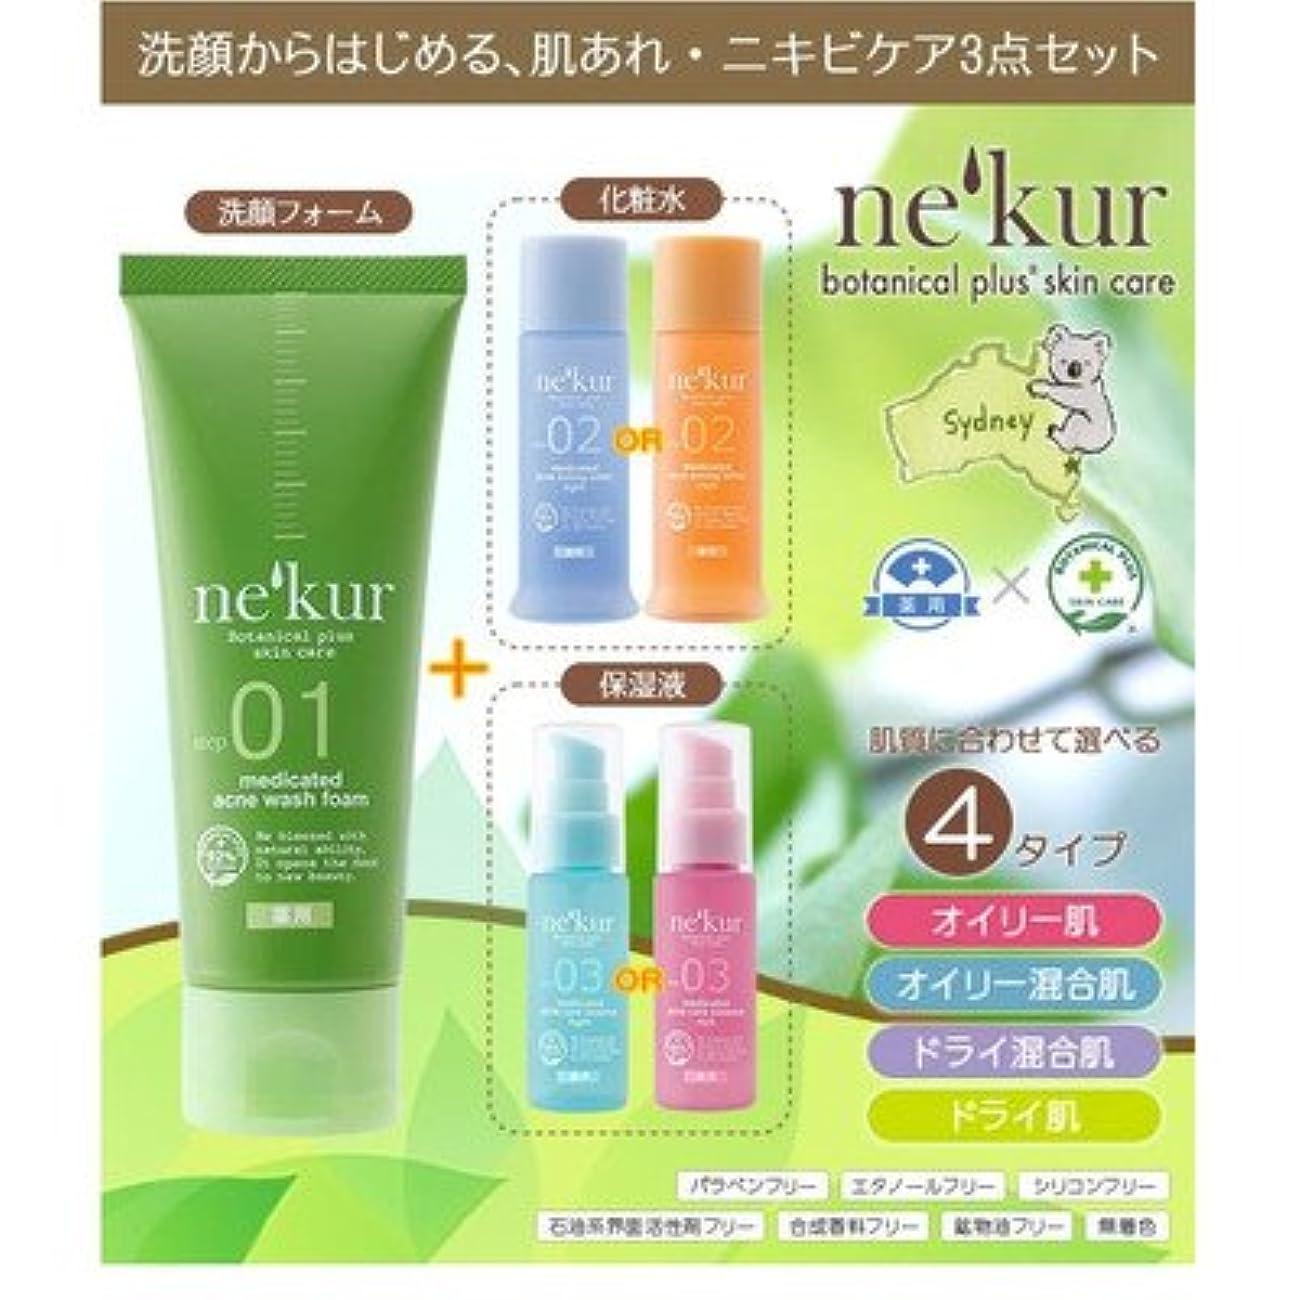 熱心陰謀囲まれたネクア(nekur) ボタニカルプラススキンケア 薬用アクネ洗顔3点セット オイリー混合肌セット( 画像はイメージ画像です お届けの商品はオイリー混合肌セットのみとなります)